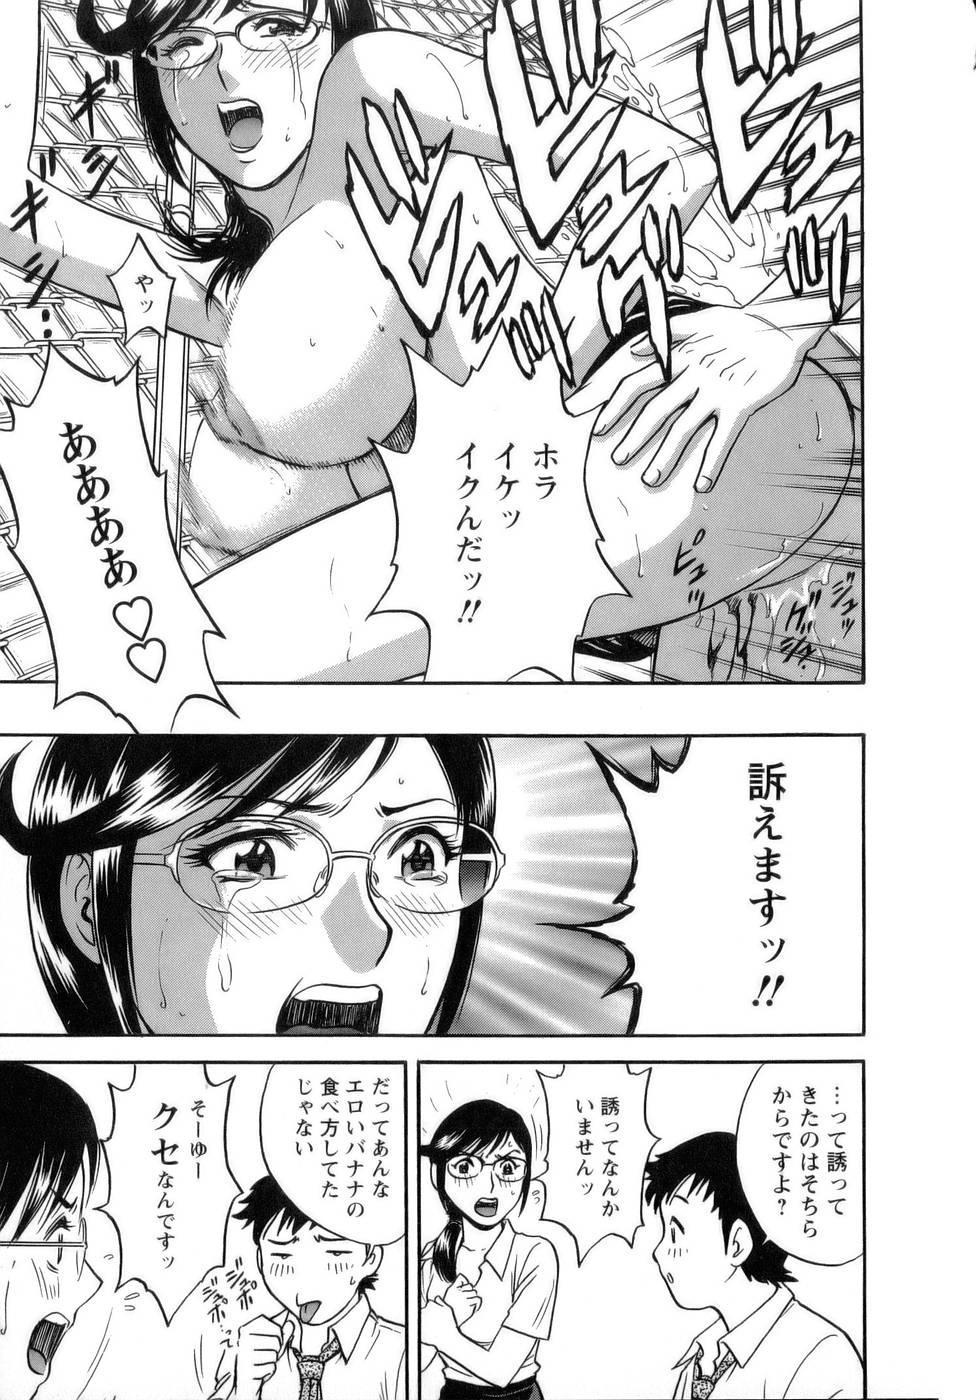 [Hidemaru] Mo-Retsu! Boin Sensei (Boing Boing Teacher) Vol.1 27